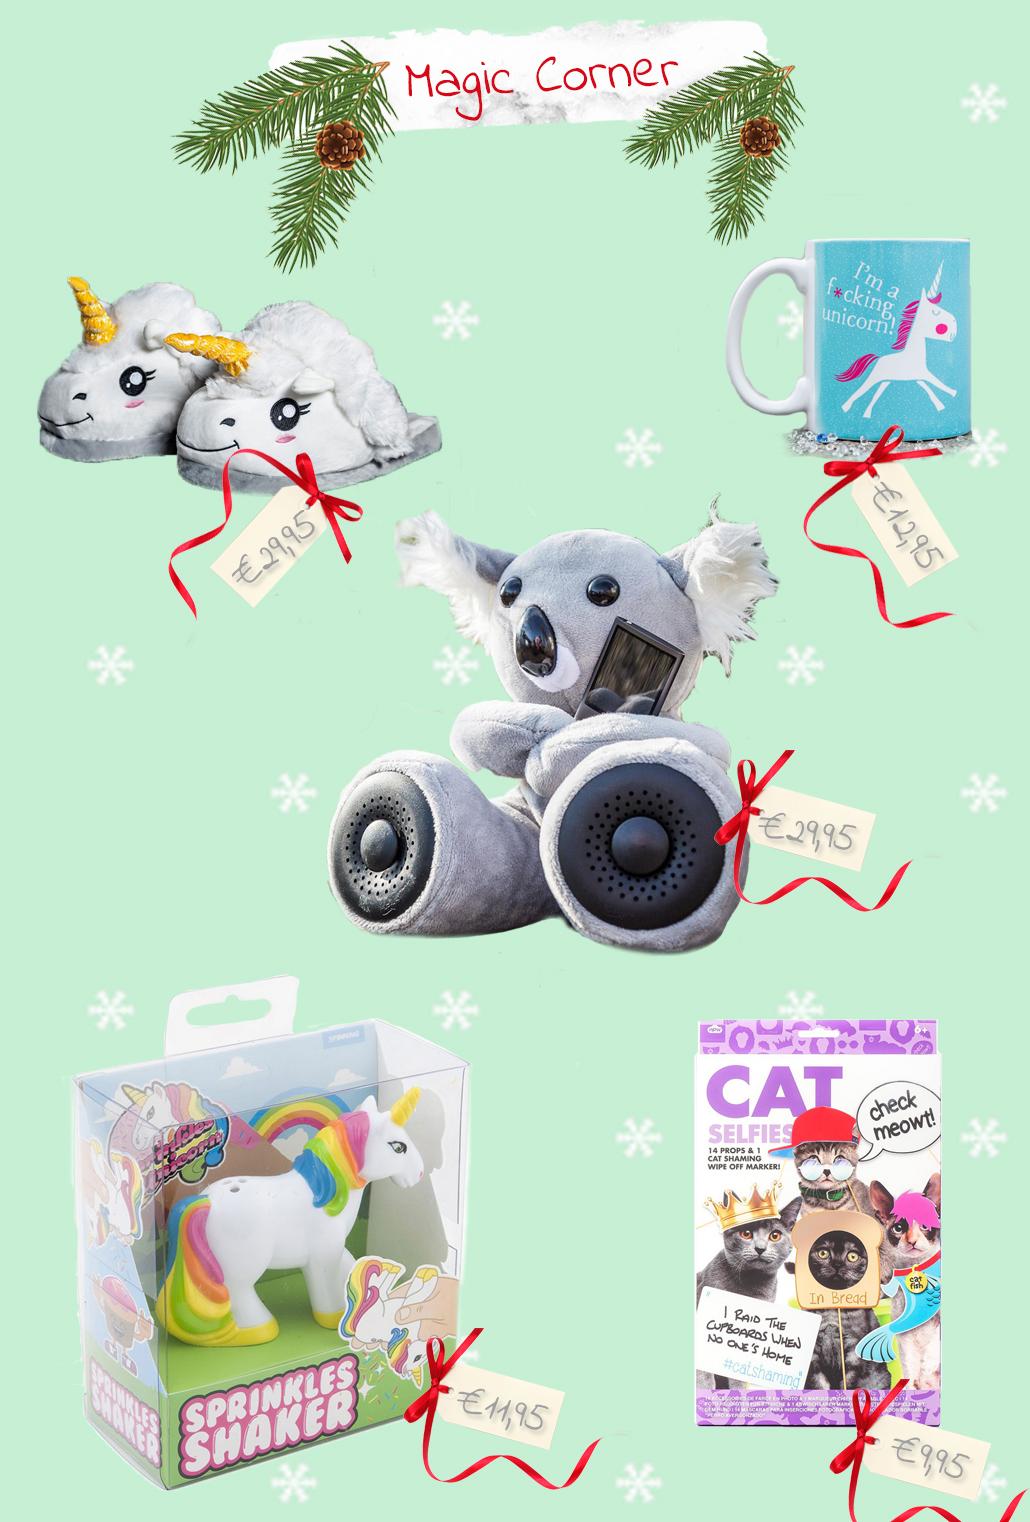 30 onder de 30 voor magic corner unicorn gift 30 onder de 30 €30,- euro voor haar cadeau kerst sinterklaas radbag